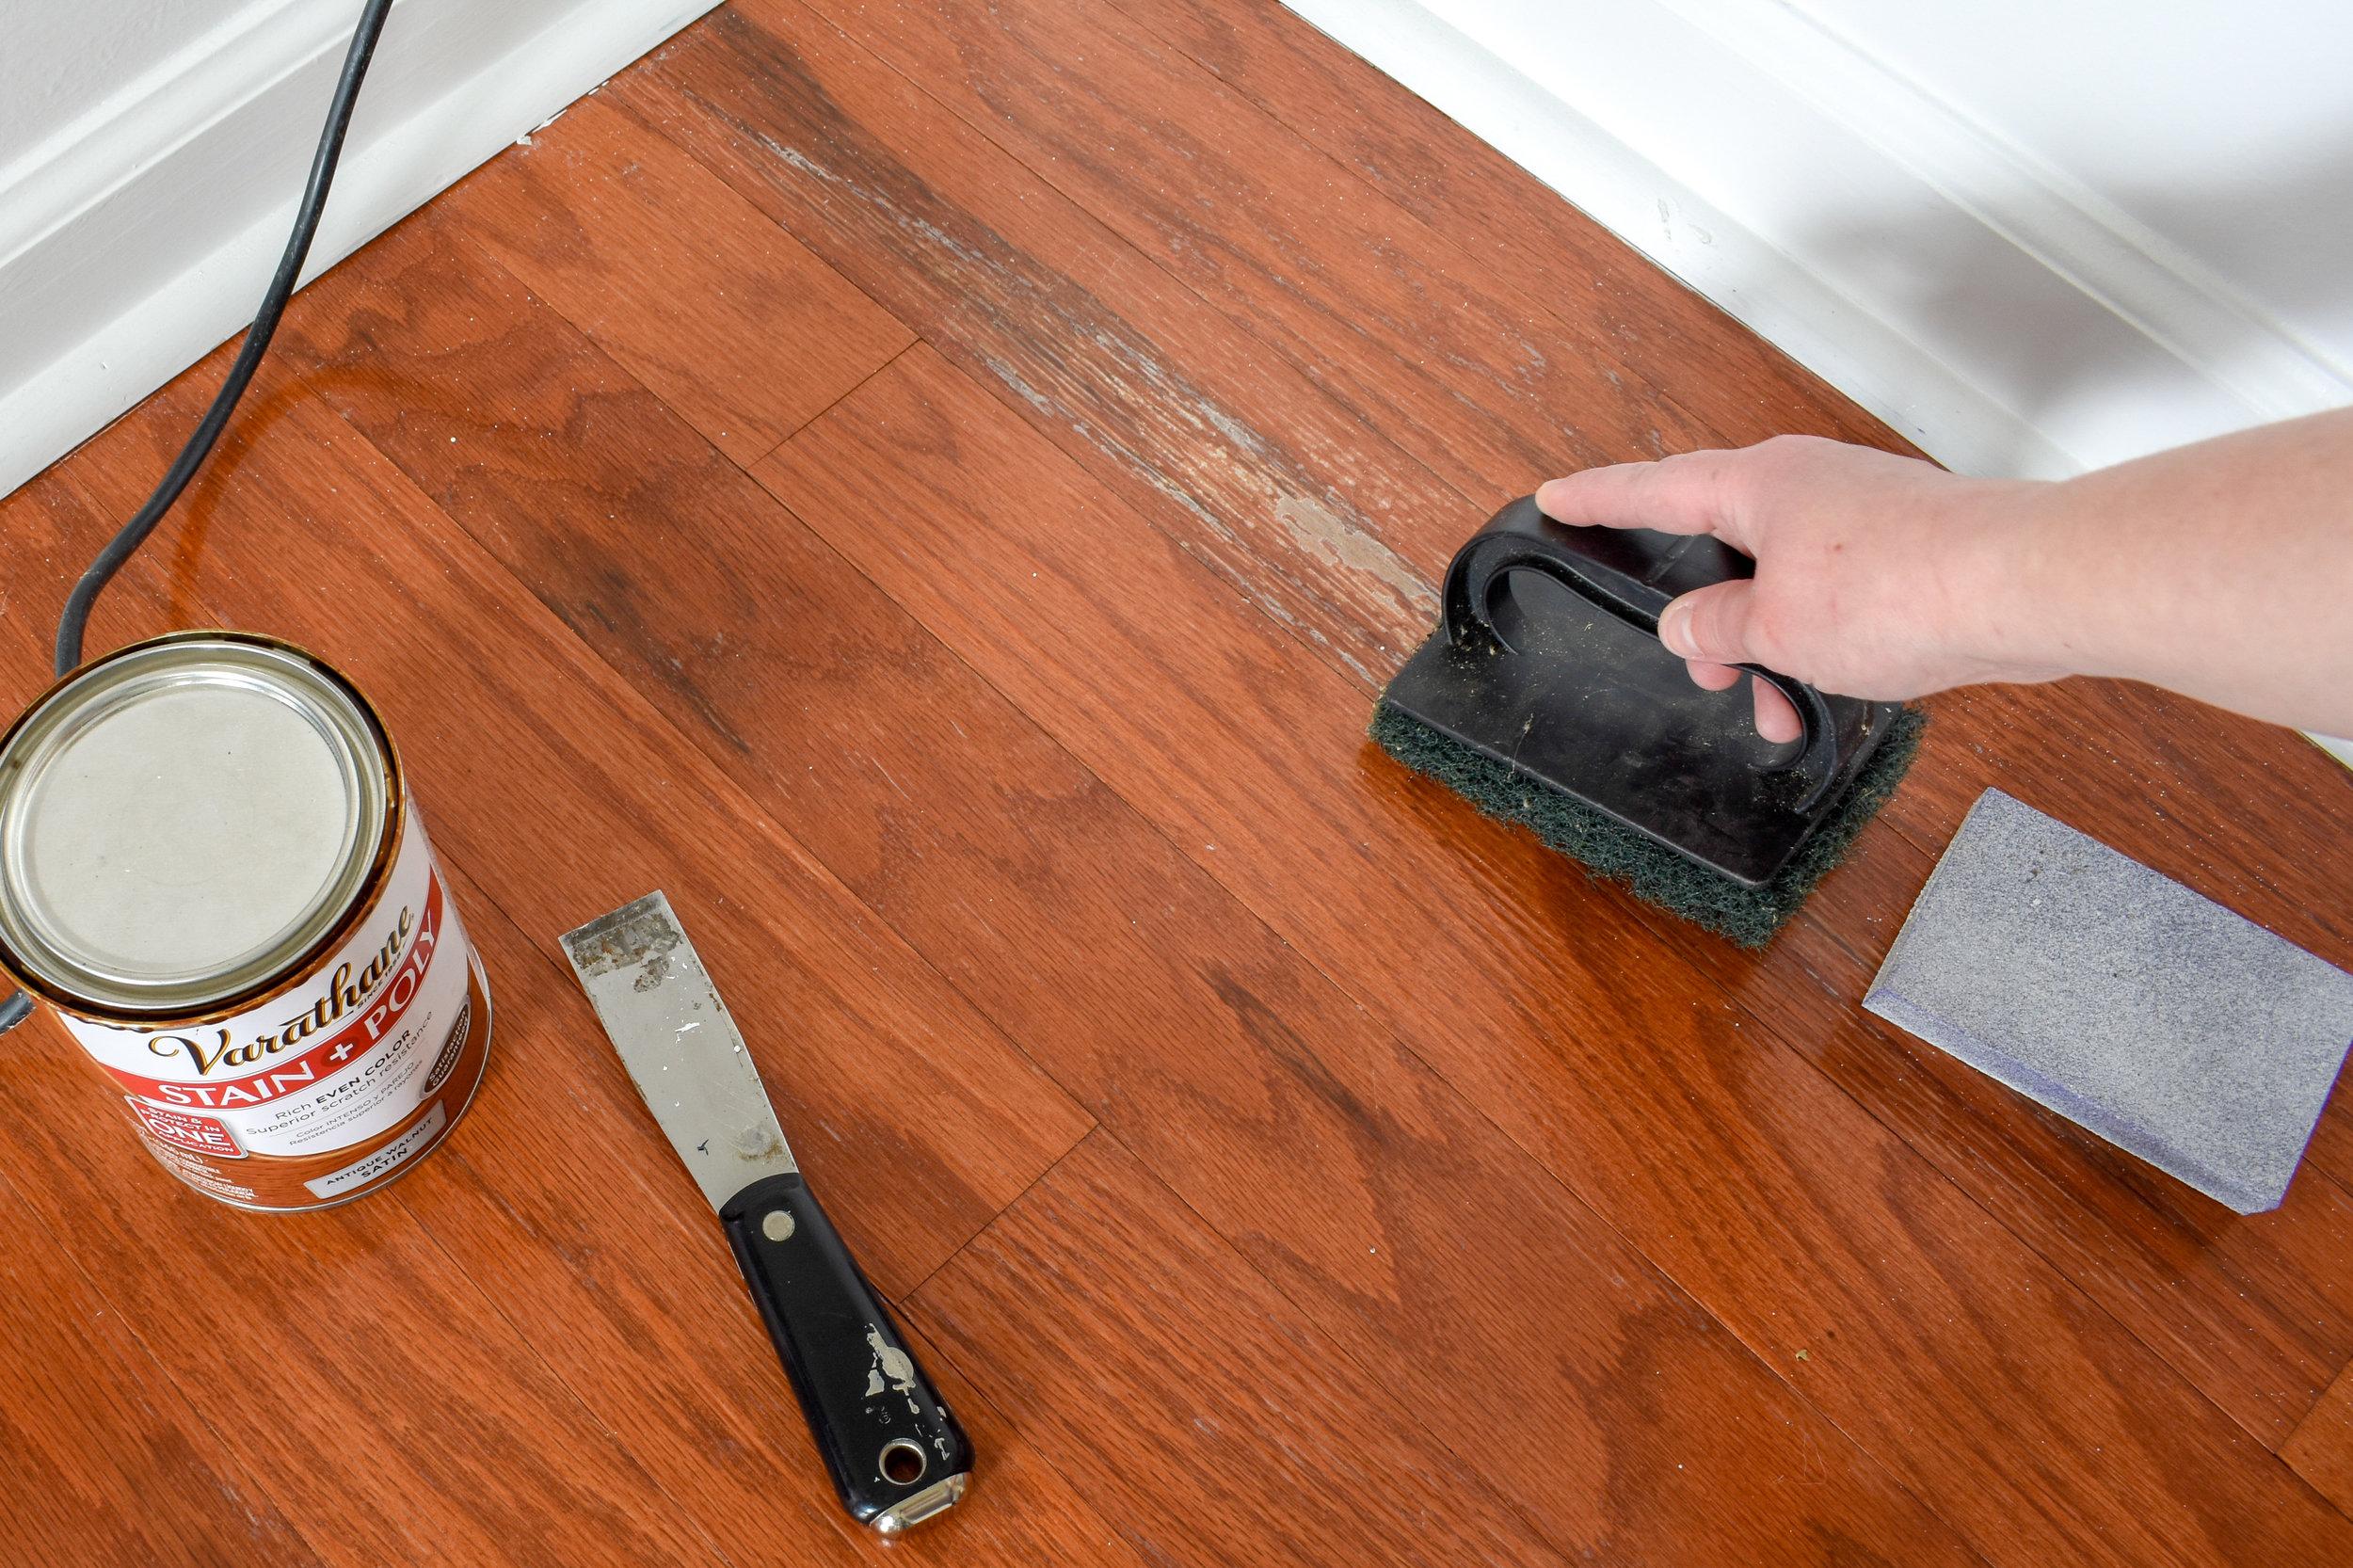 fixing moisture damage on the finish of hardwood floors